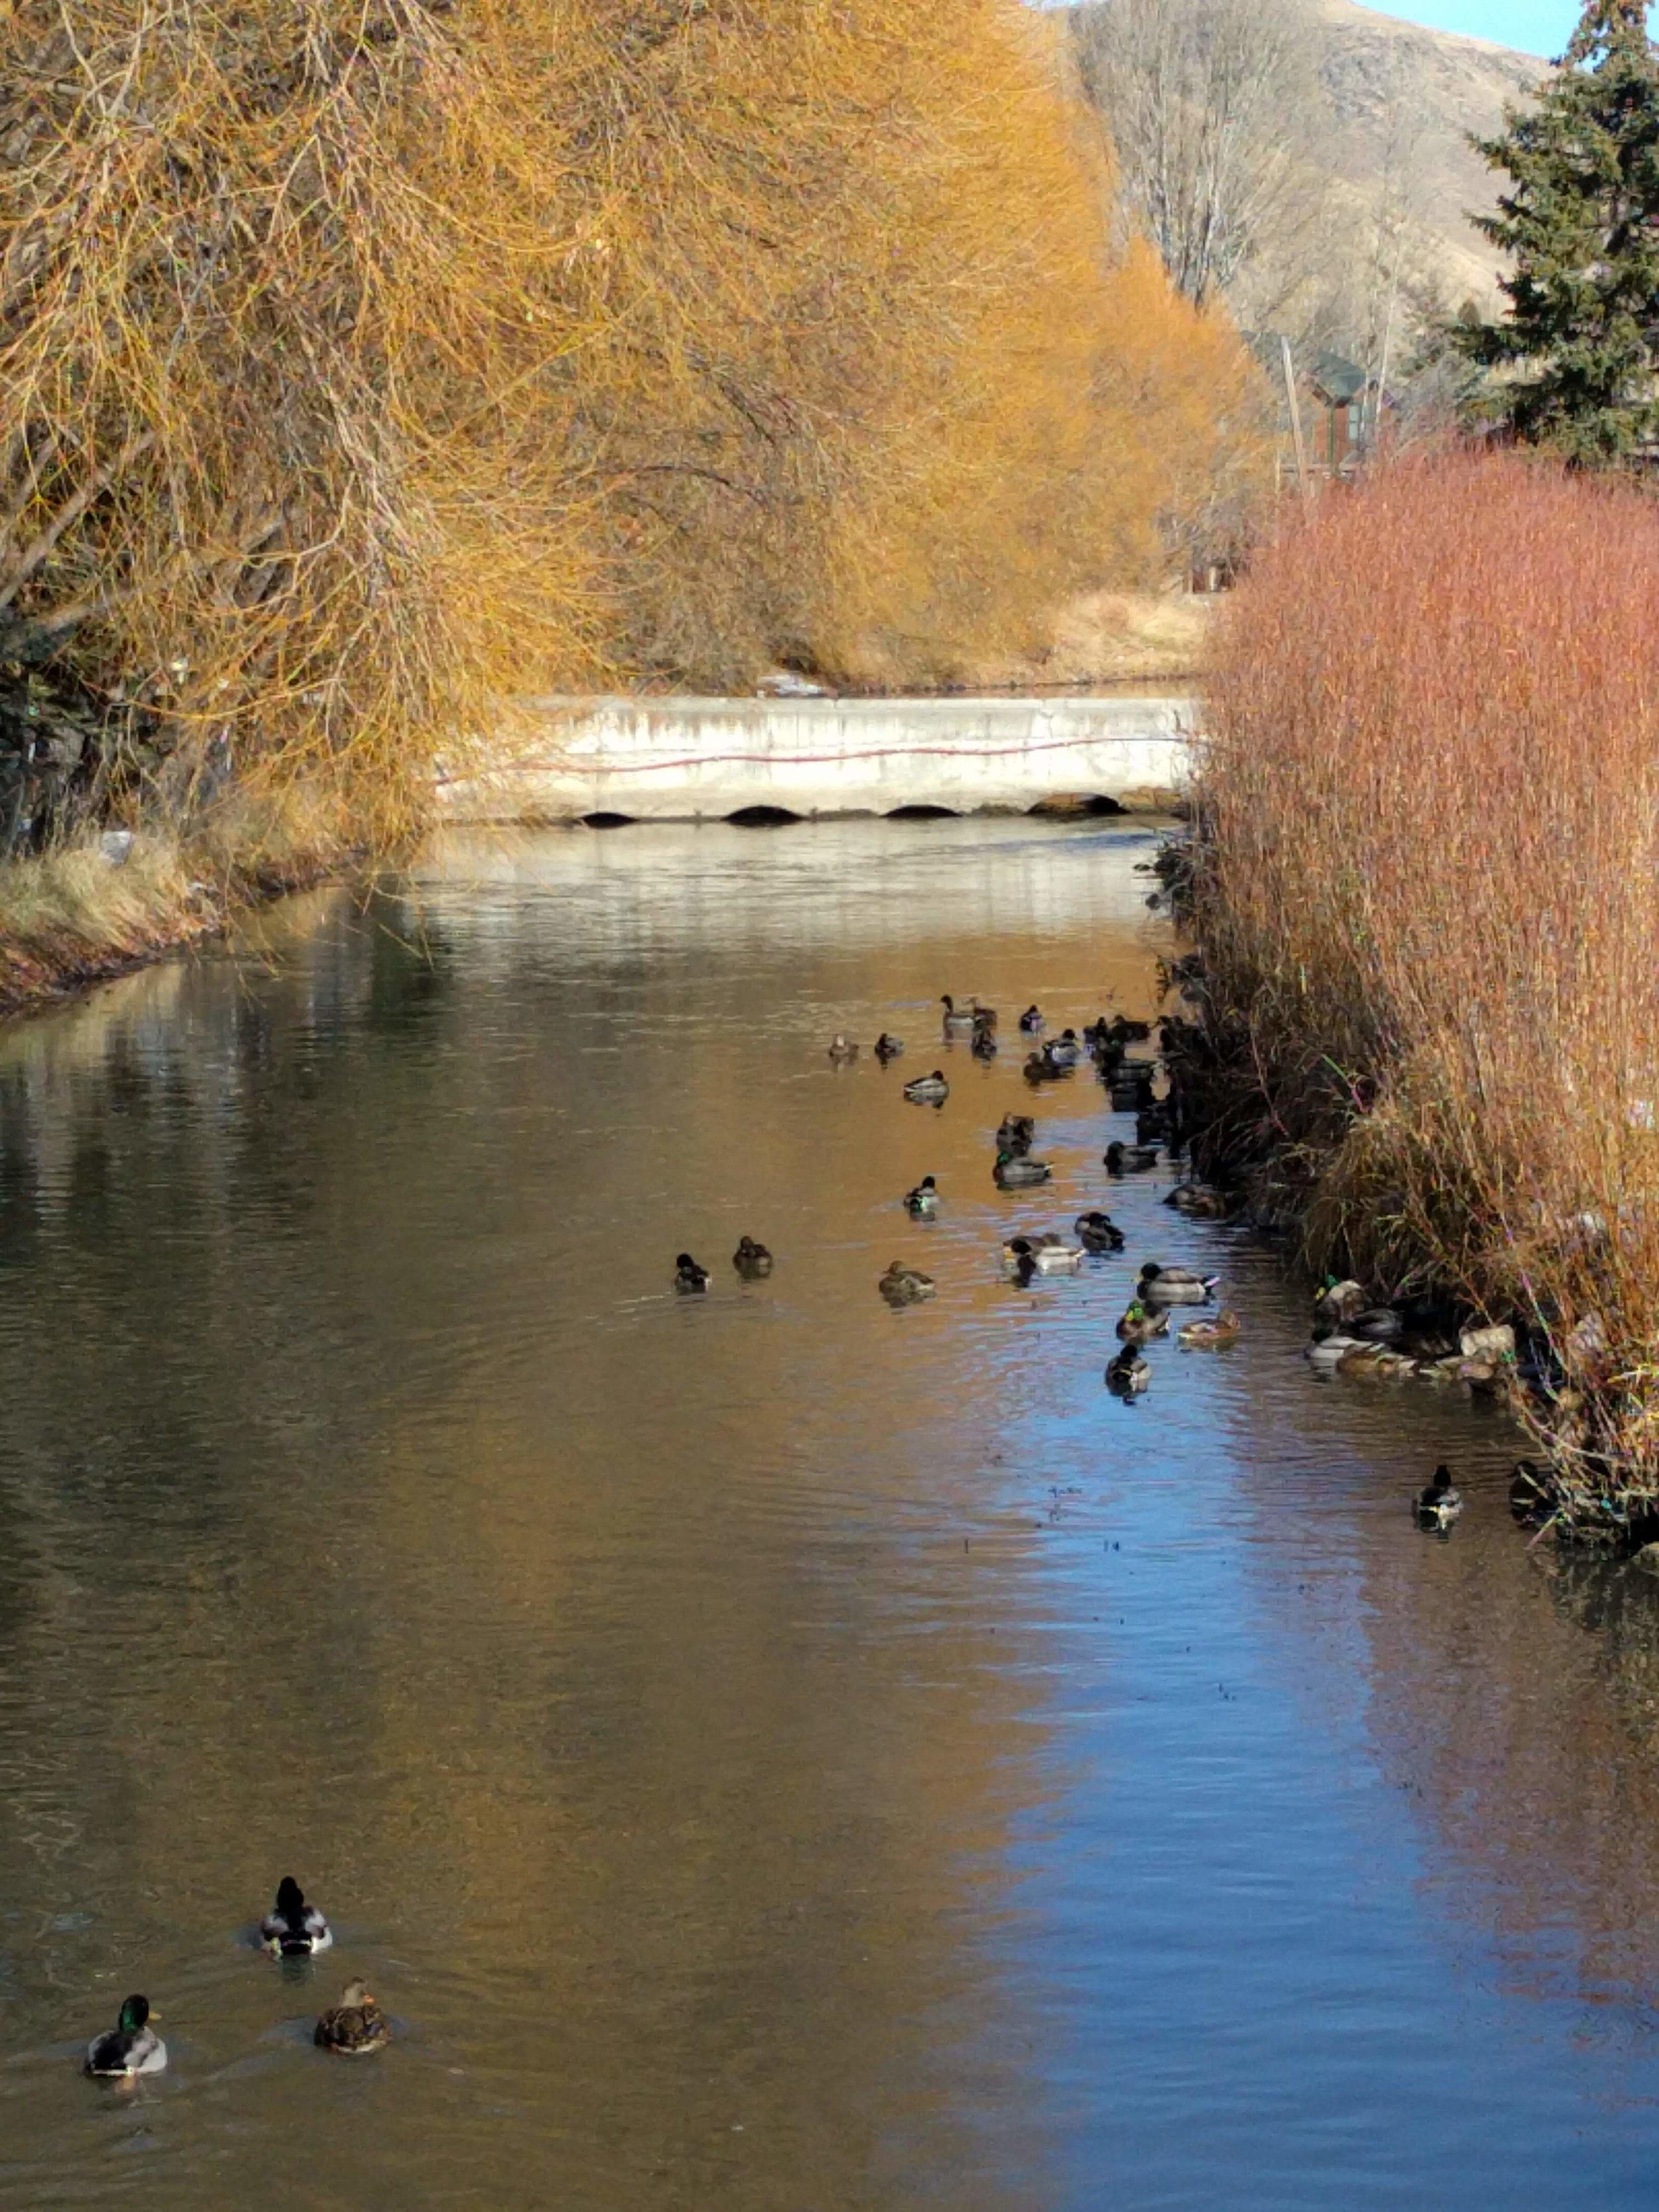 Ducks in Flat Creek